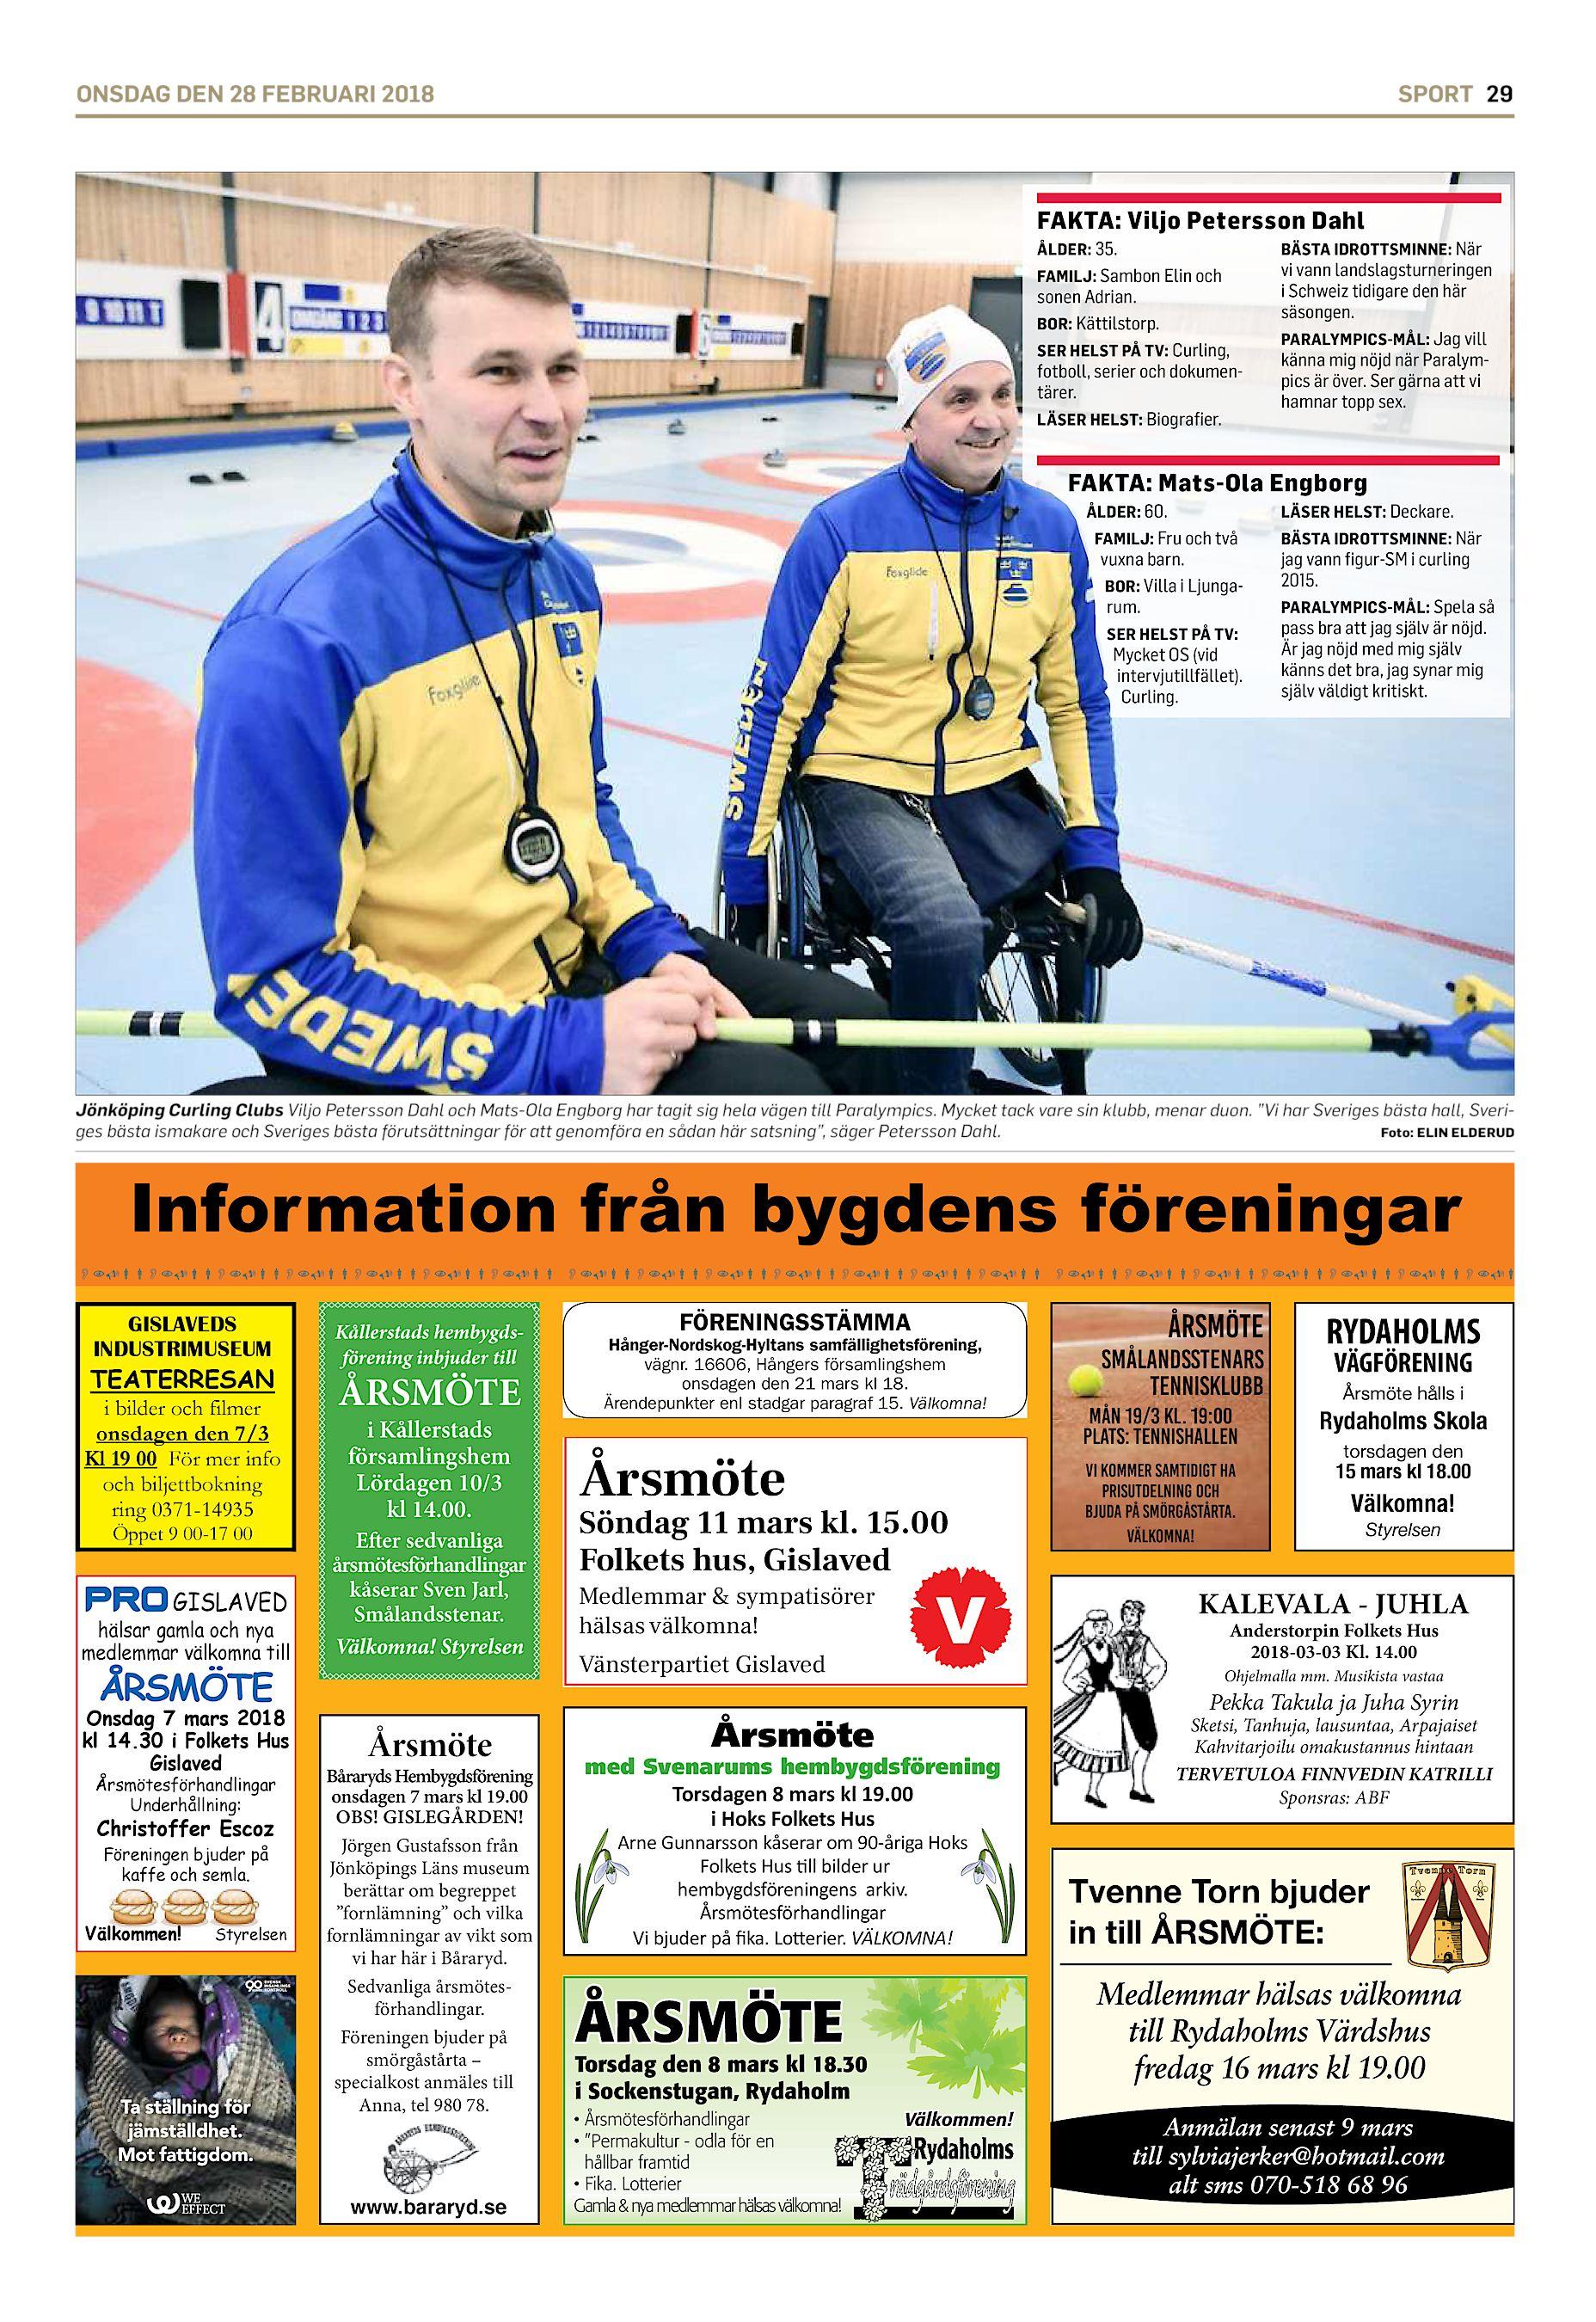 d29a649eb7f BÄSTA IDROTTSMINNE: När FAMILJ: Sambon Elin och vi vann  landslagsturneringen i Schweiz tidigare den här säsongen. PARALYMPICS-MÅL:  Jag vill ...